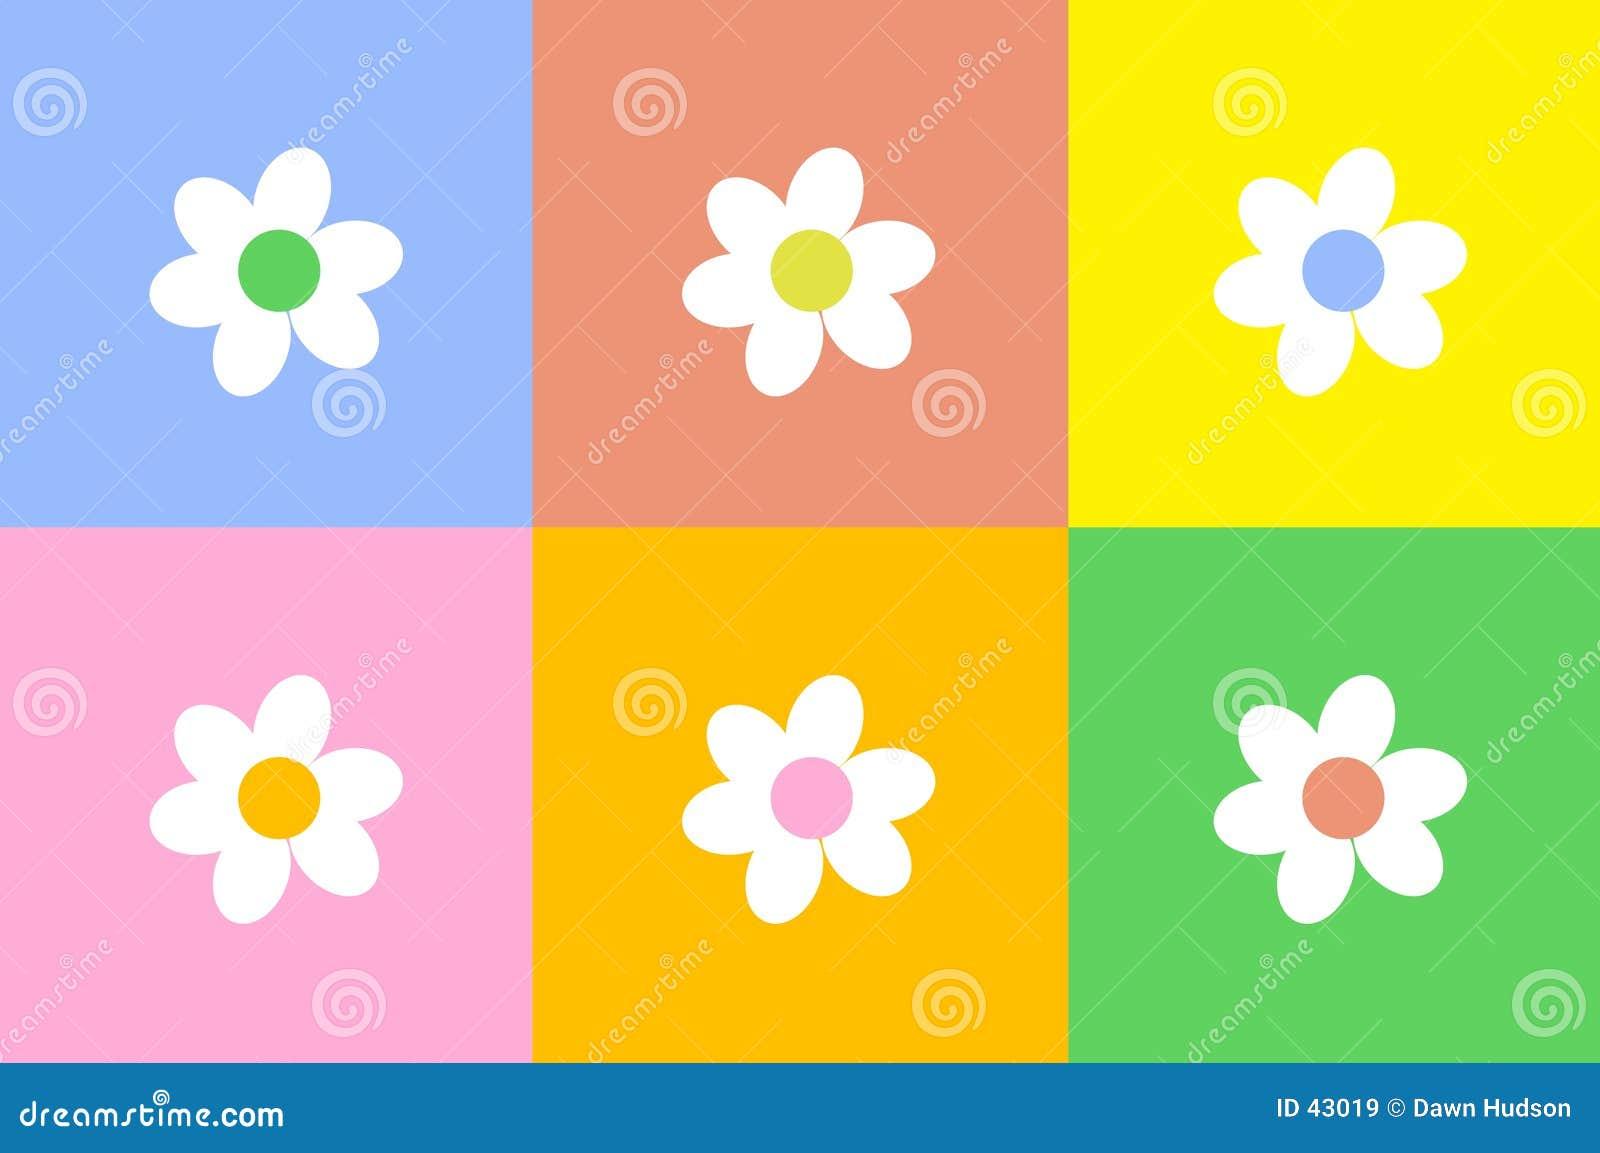 Kwiat projektu